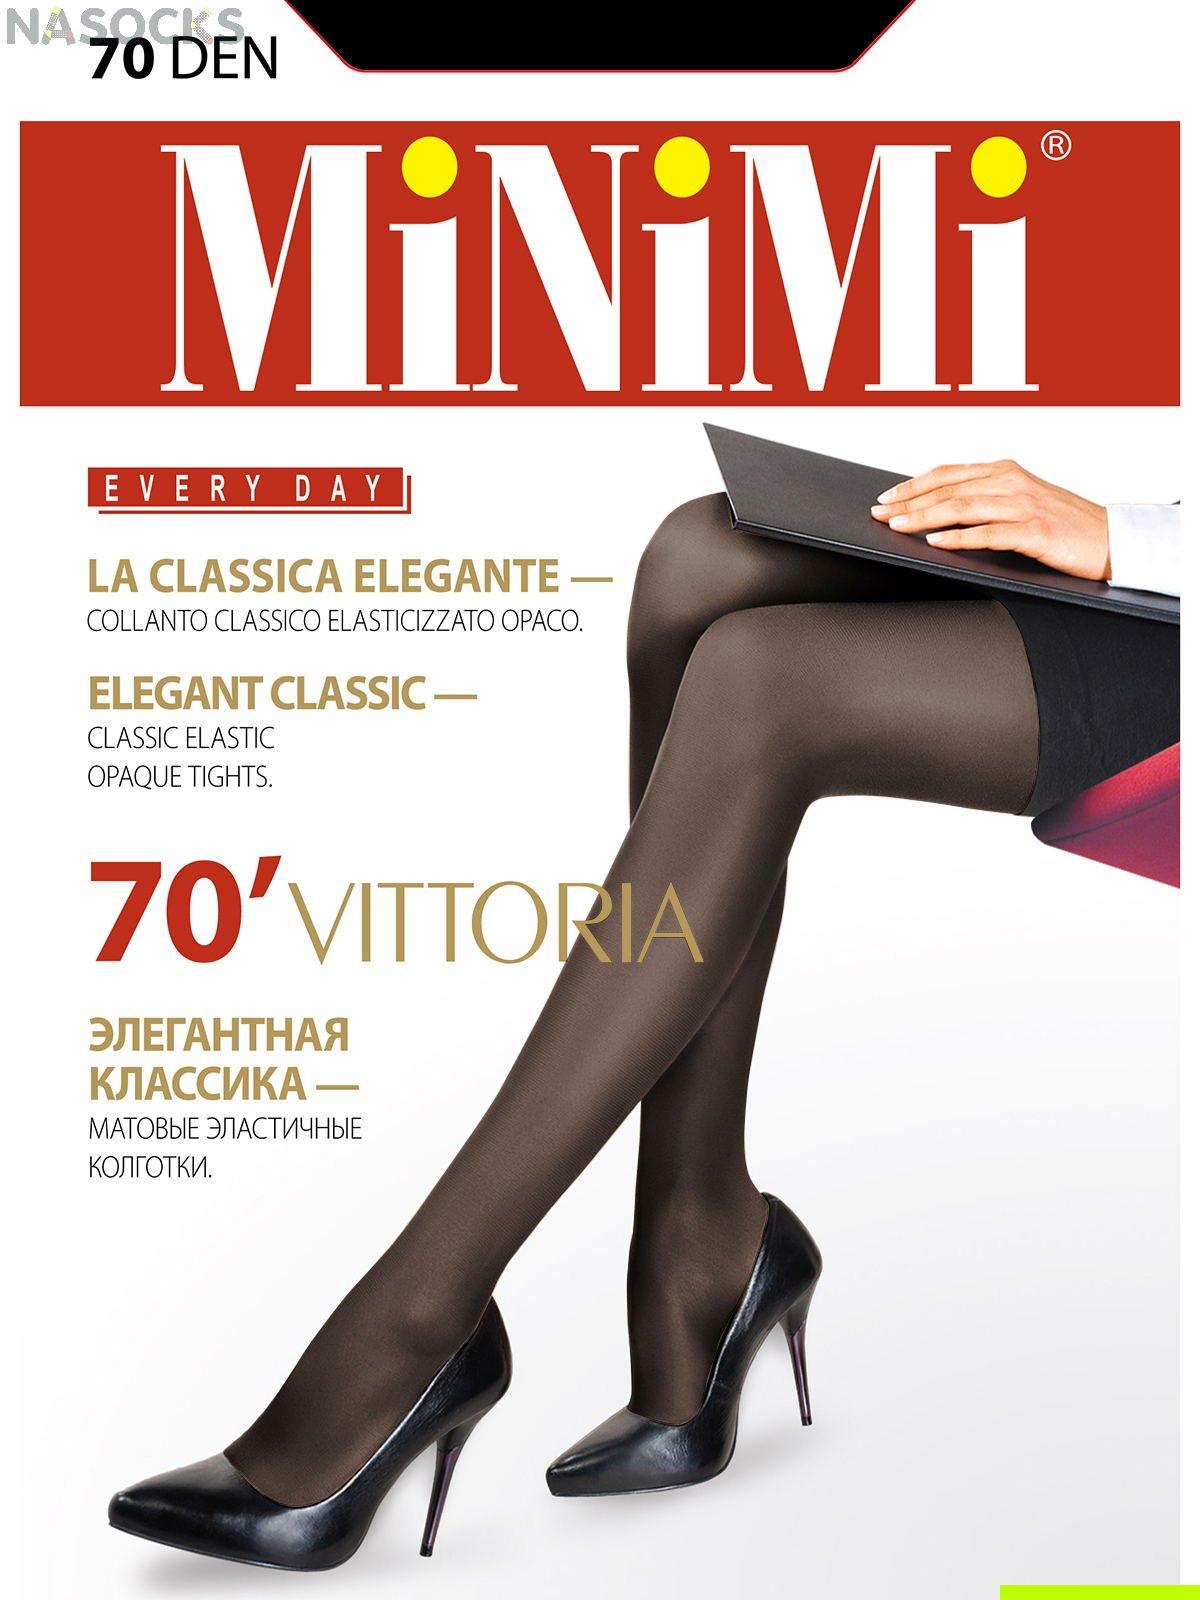 9546d7ba28ae Колготки MiNiMi Vittoria 70 den купить недорого|Бесплатная доставка!